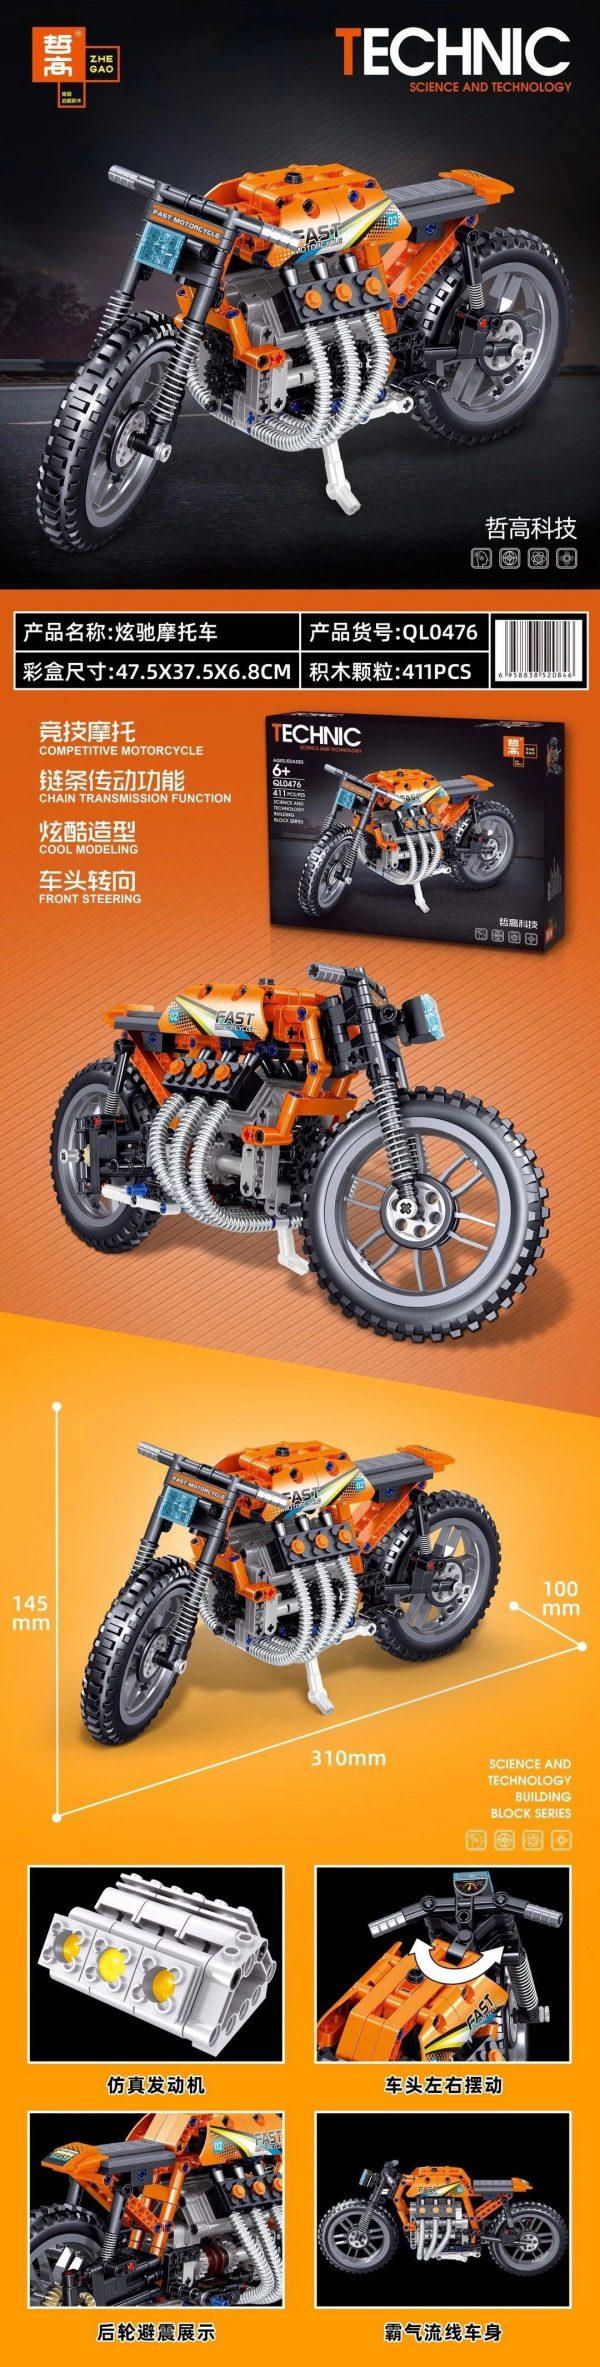 ZHEGAO QL0476 Xuanchi Motorcycle 0